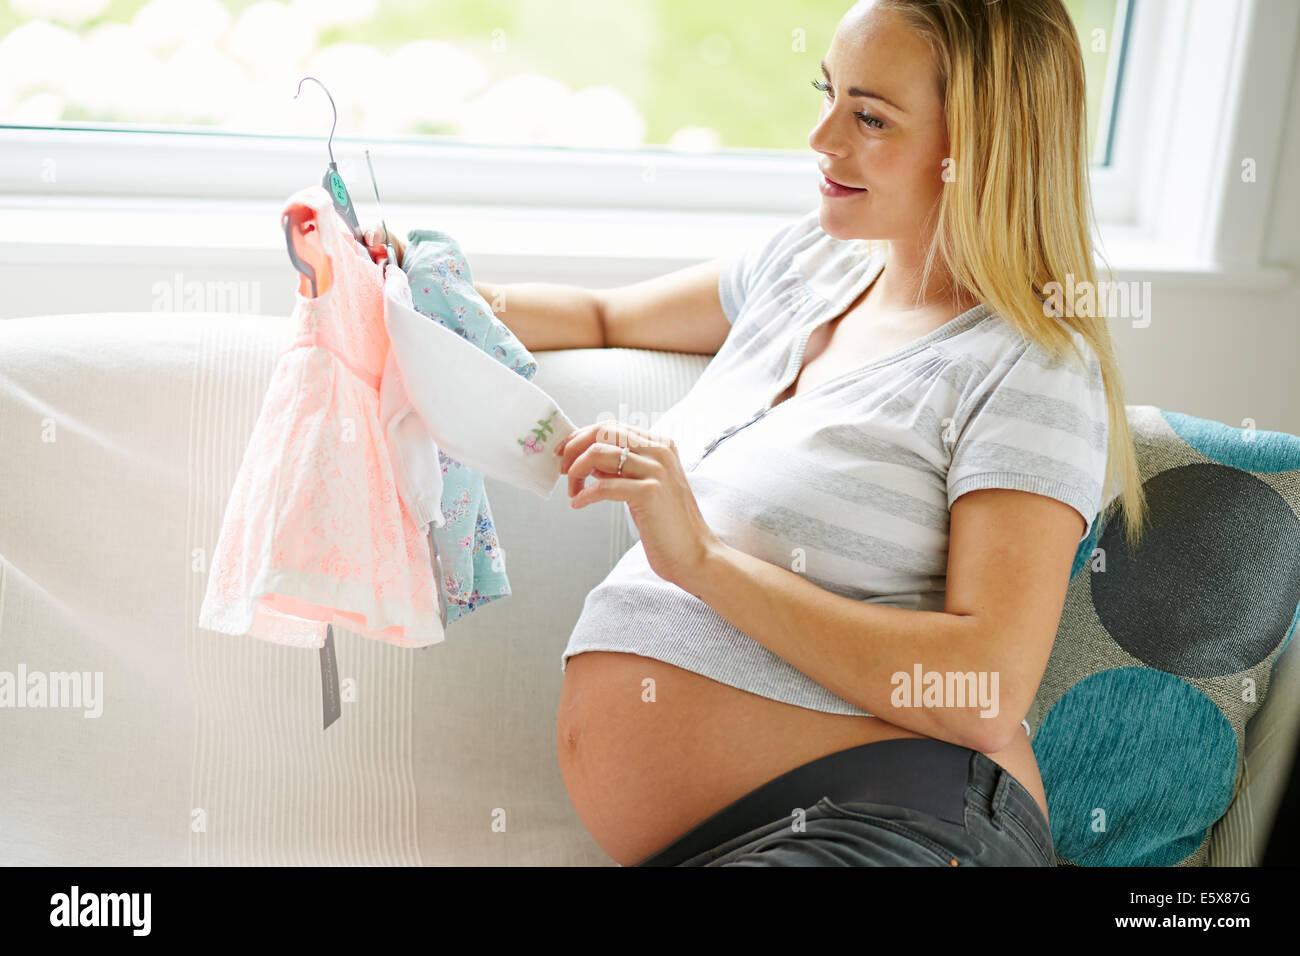 Mujer embarazada mirando ropa de bebé Imagen De Stock